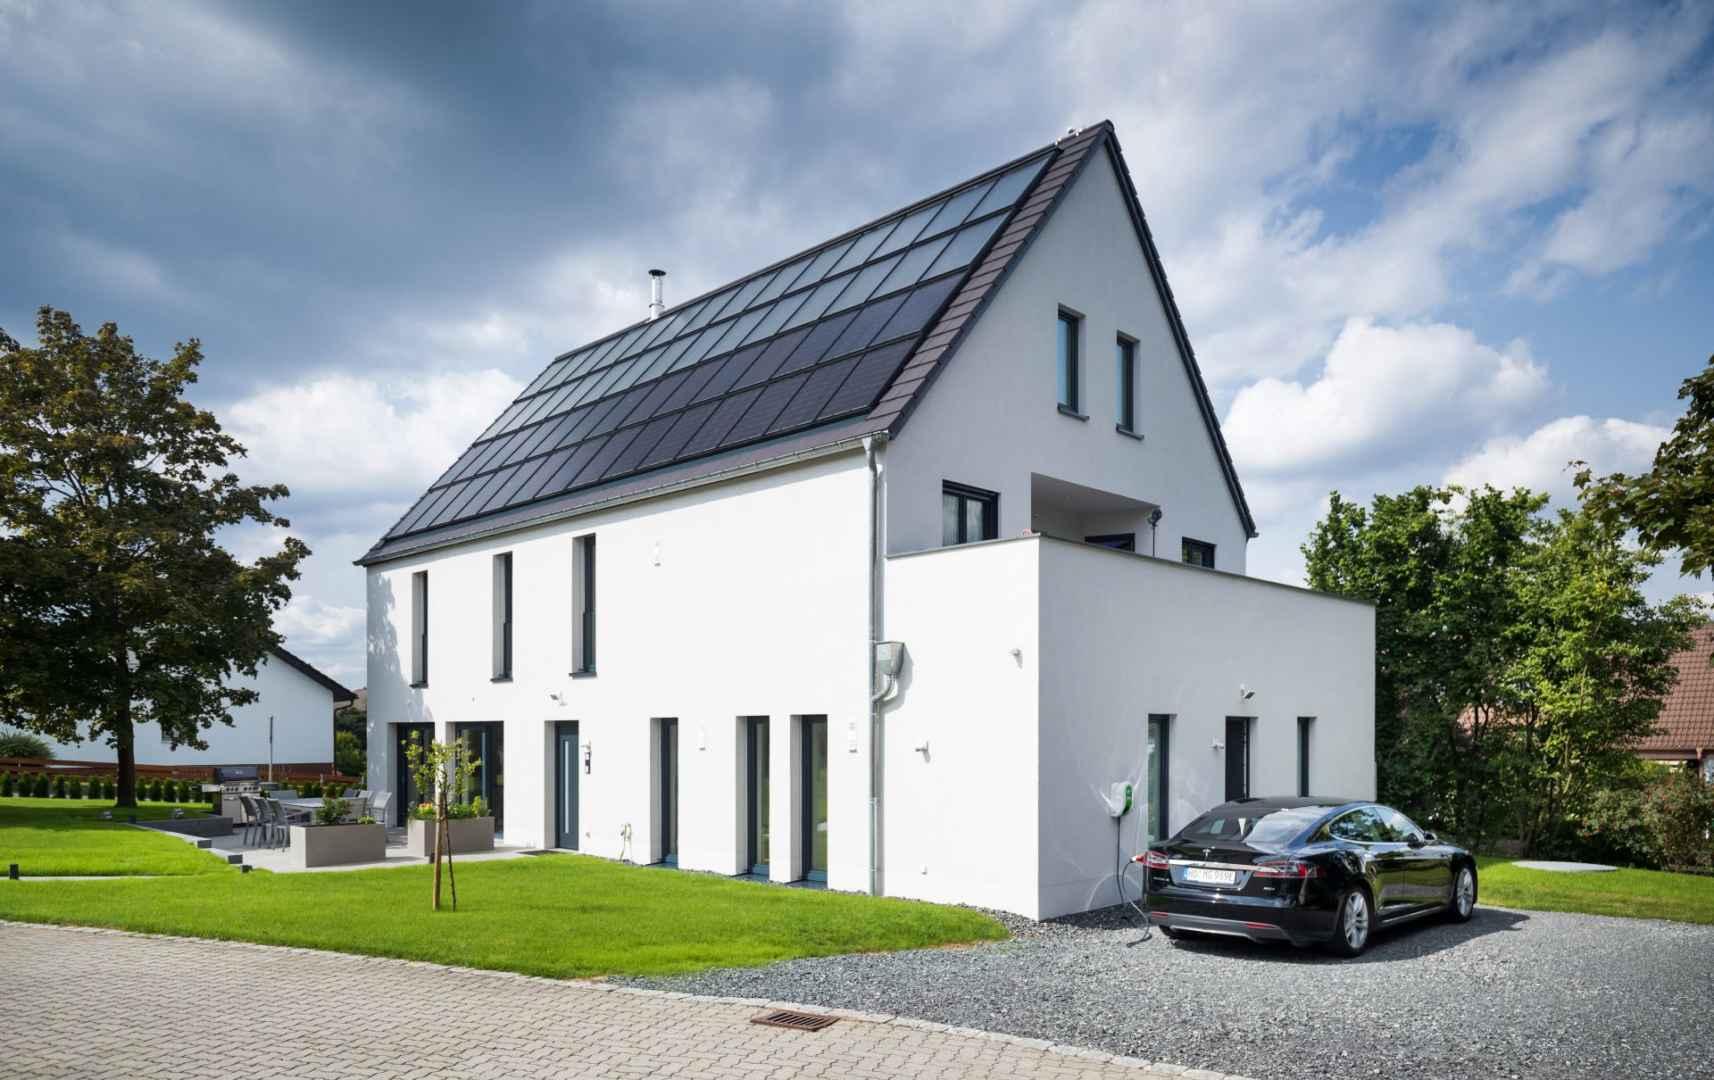 Die großen Solarthermie- und Photovoltaikanlagen auf dem Dach dieses Sonnenhauses erzeugen Energie für Wärme, Strom und Elektromobilität. Foto: Sonnenhaus-Institut / Udo Geisler